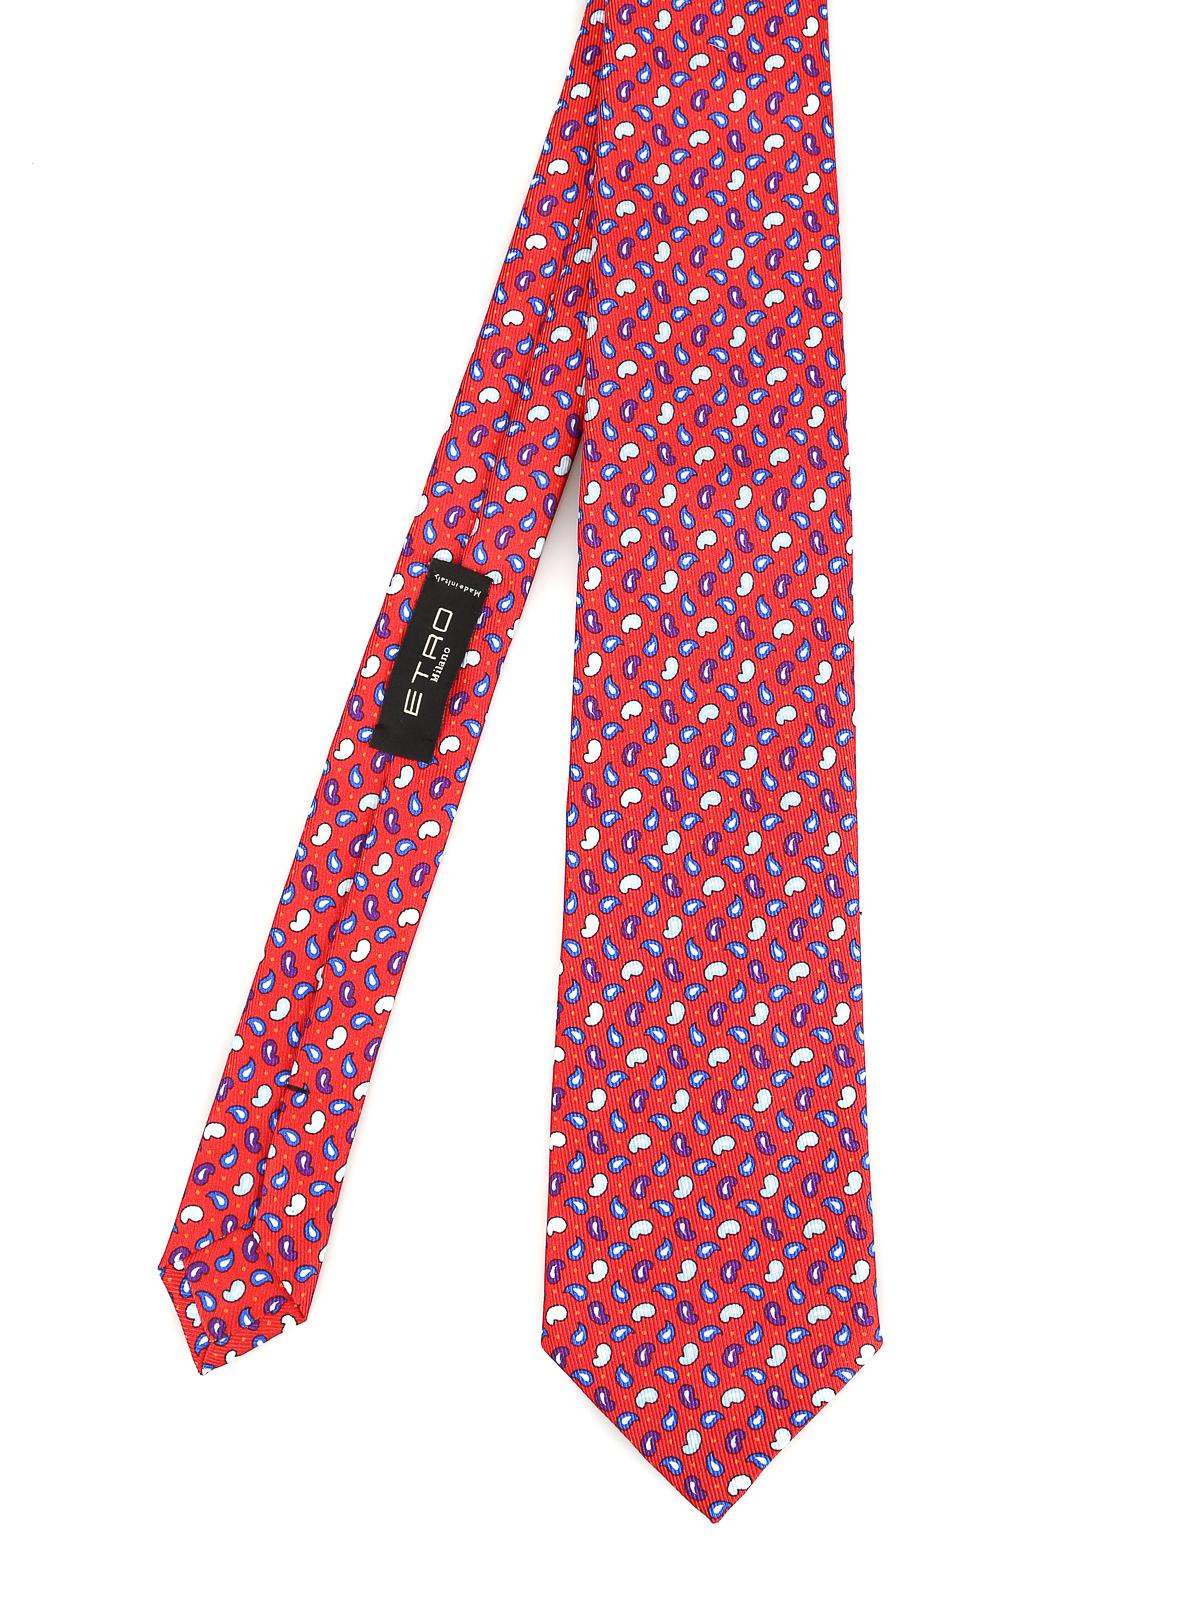 new product 25bcb bc66b Etro - Cravatta in seta con fantasia micro paisley ...